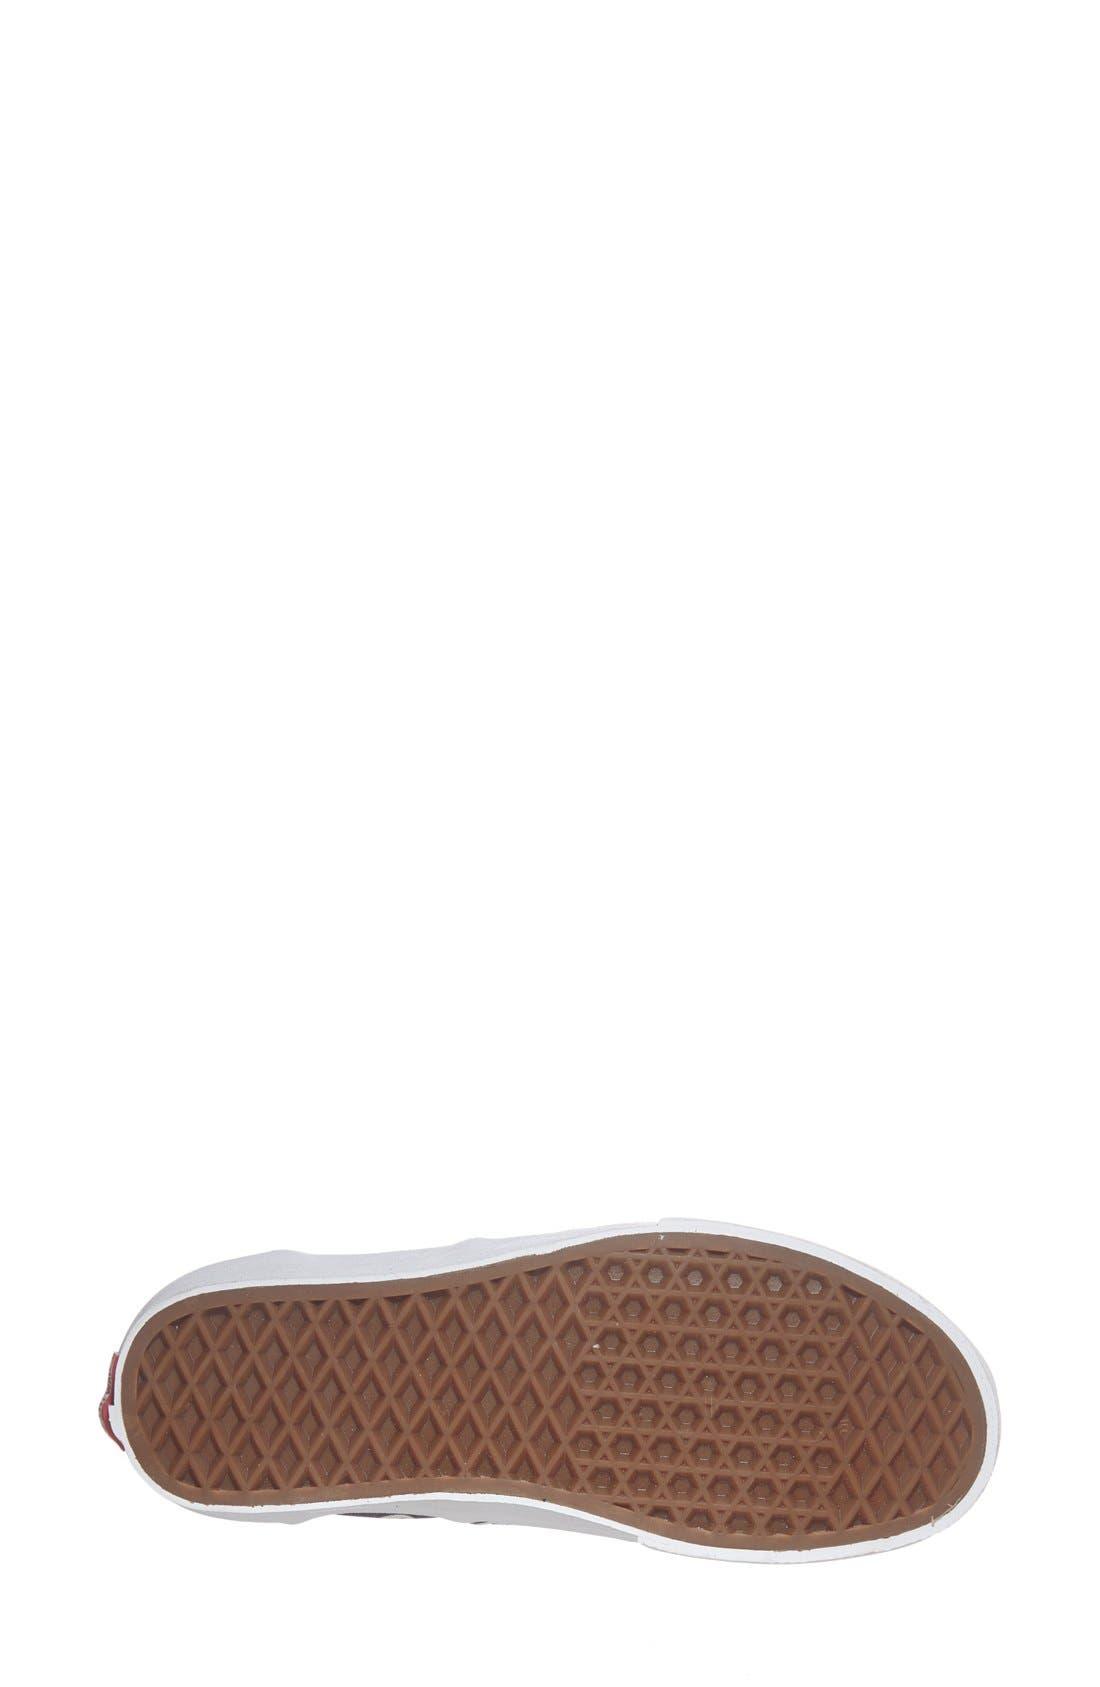 Alternate Image 4  - Vans 'Era - Van Doren' Sneaker (Women)